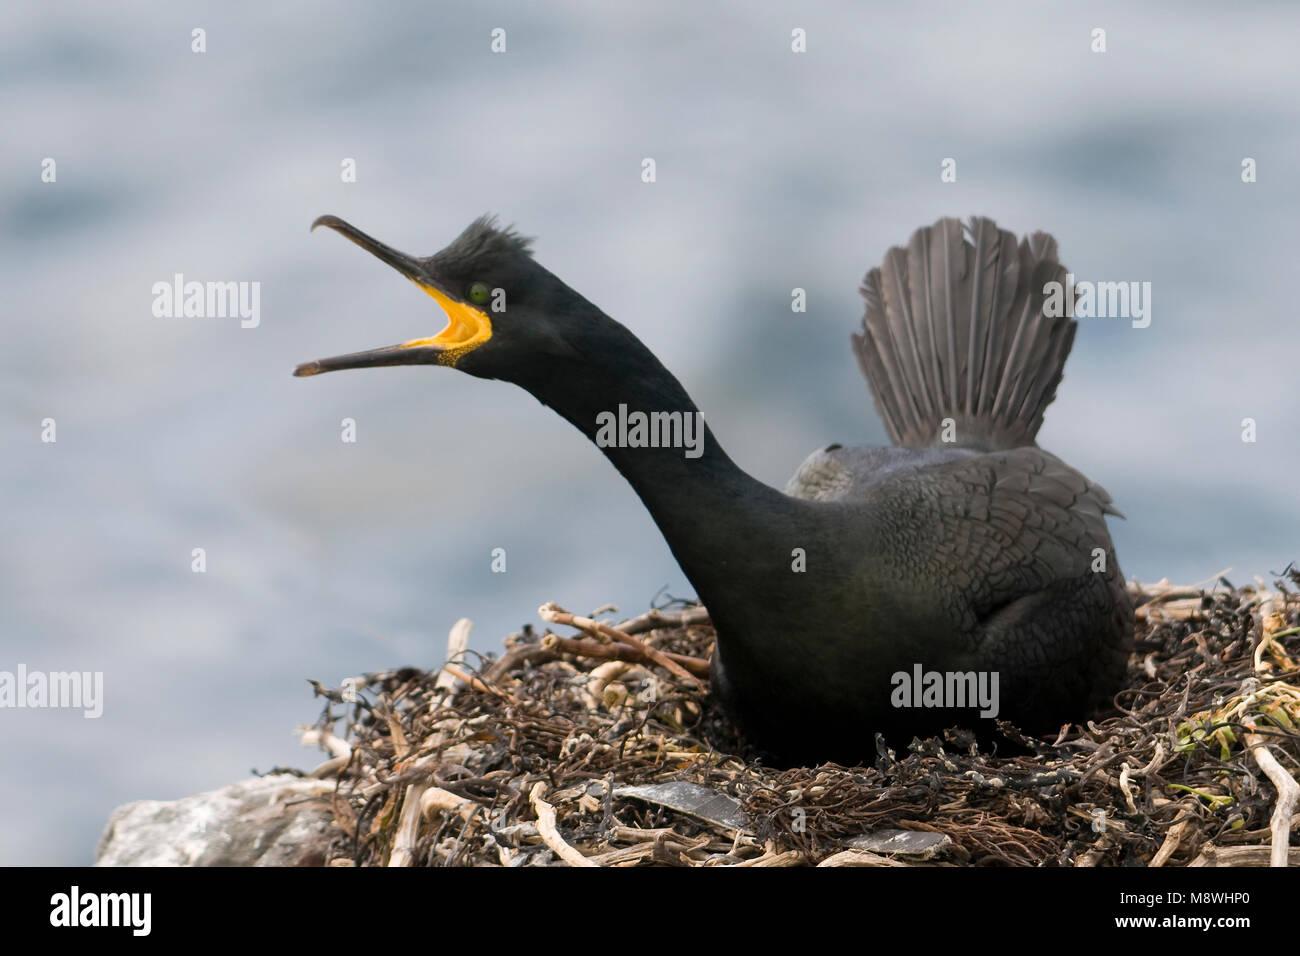 Kuifaalscholver op het nest; European Shag on nest - Stock Image